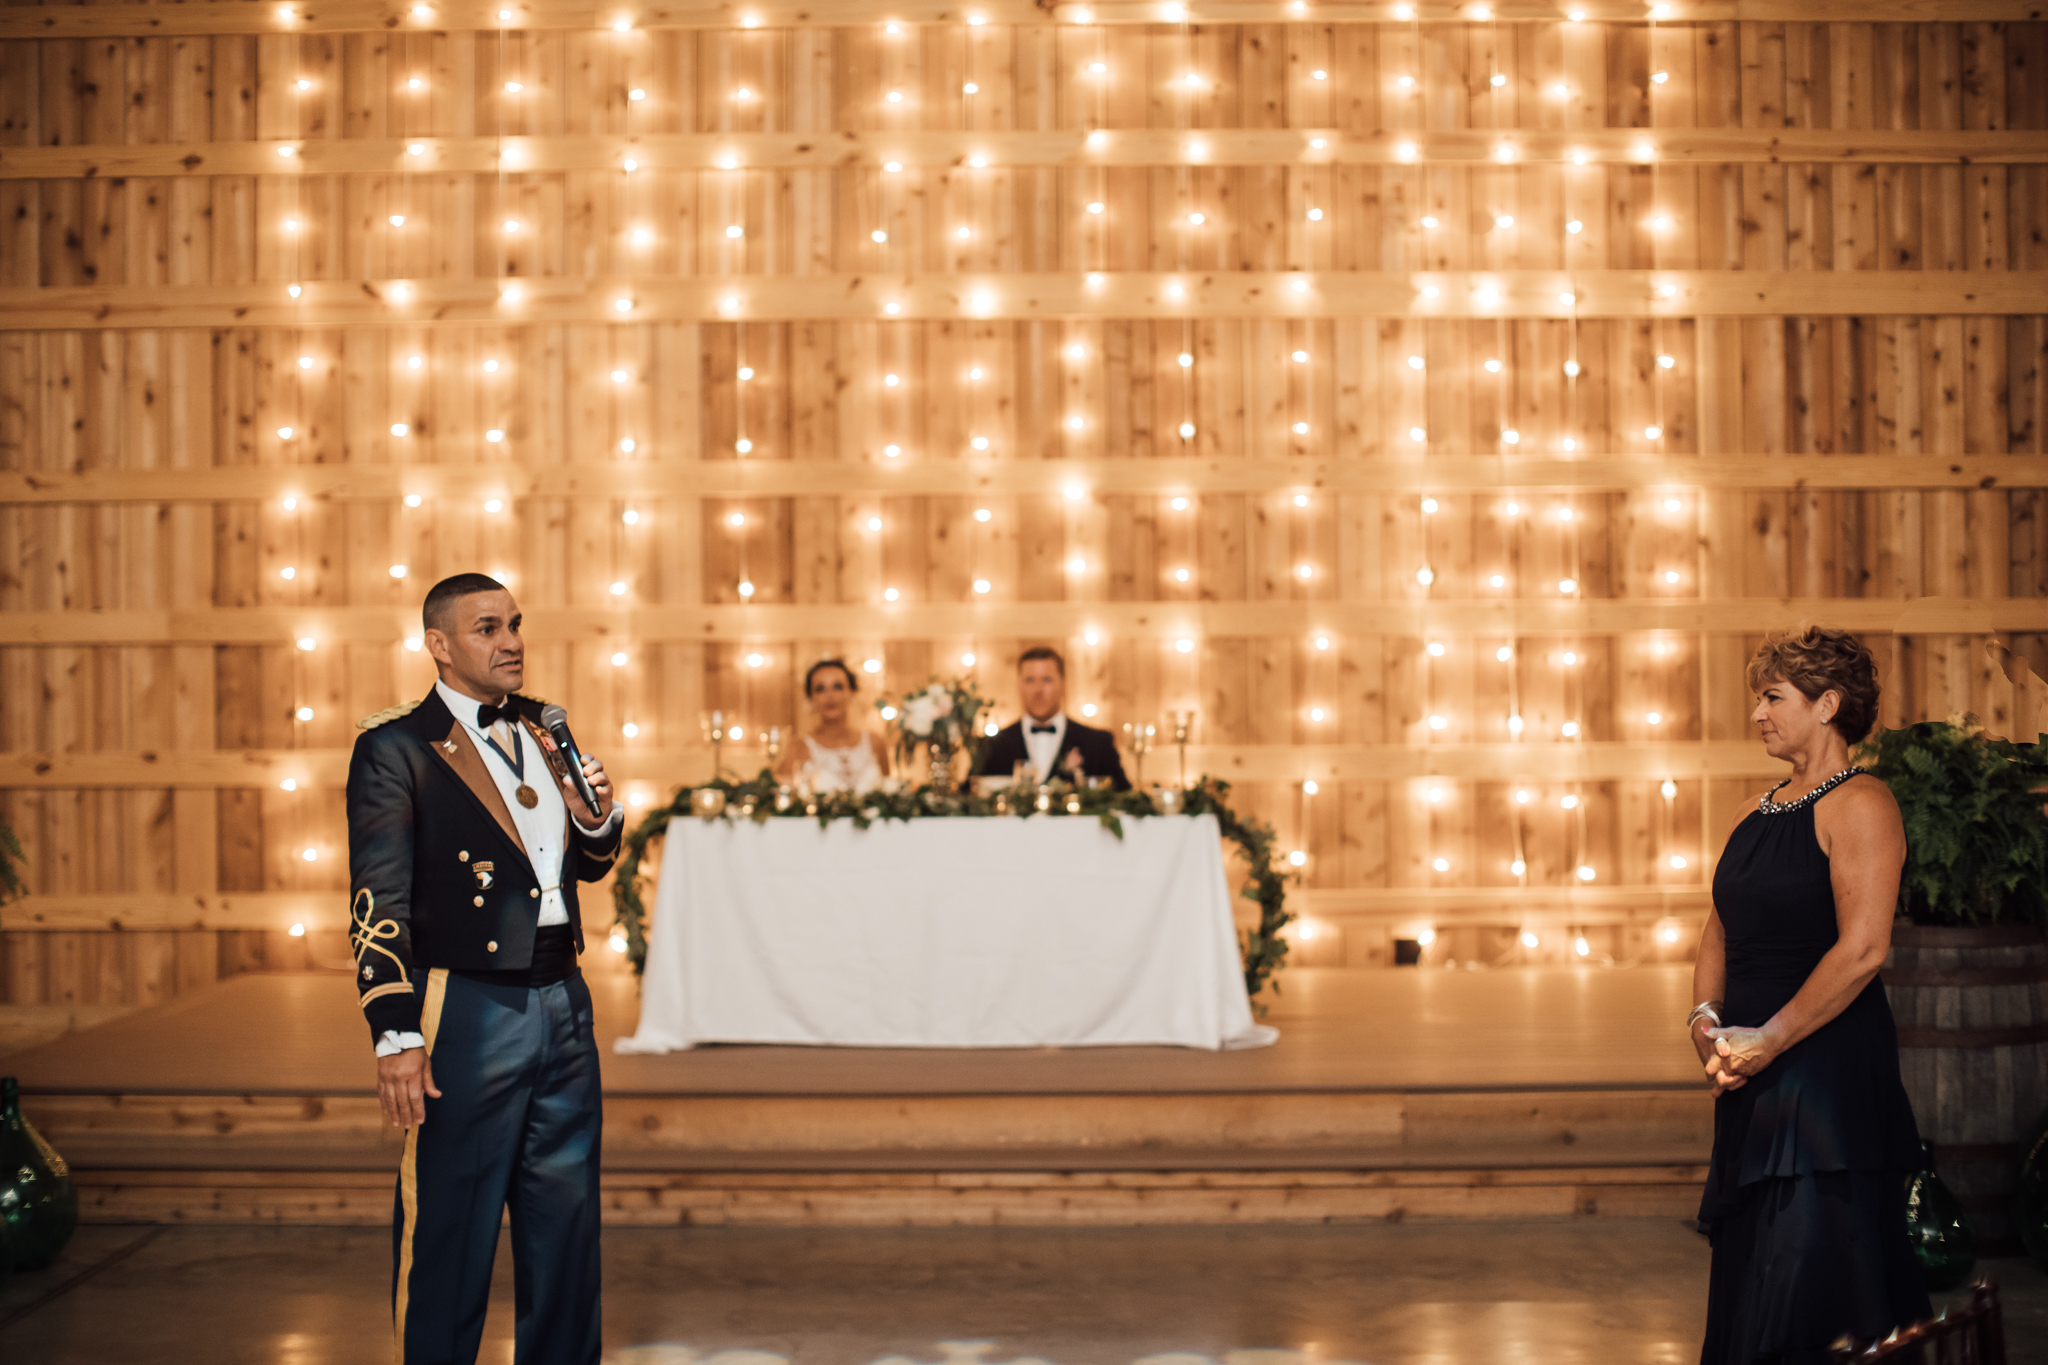 saddlewoodsfarms-nashville-wedding-photographer-thewarmtharoundyou-rustic-wedding (61 of 251).jpg